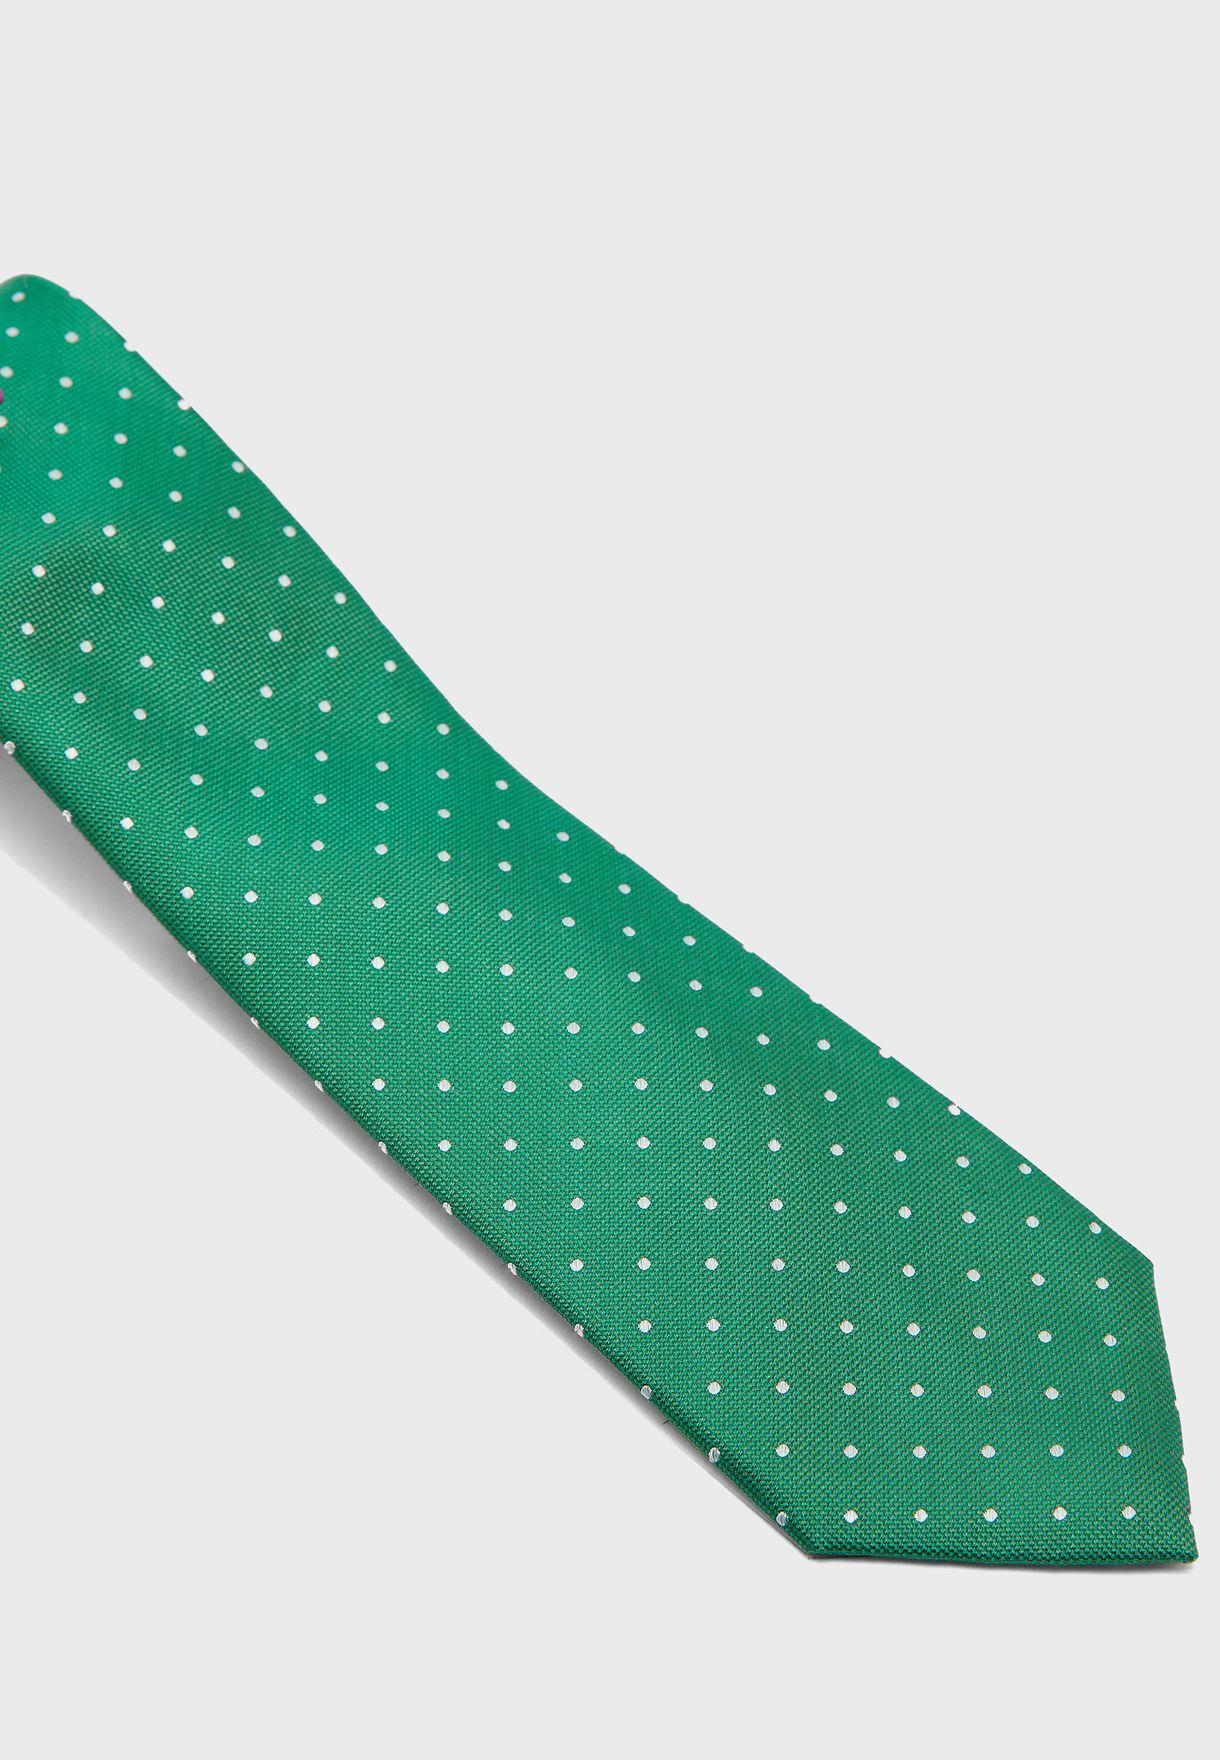 Dot Print Tie